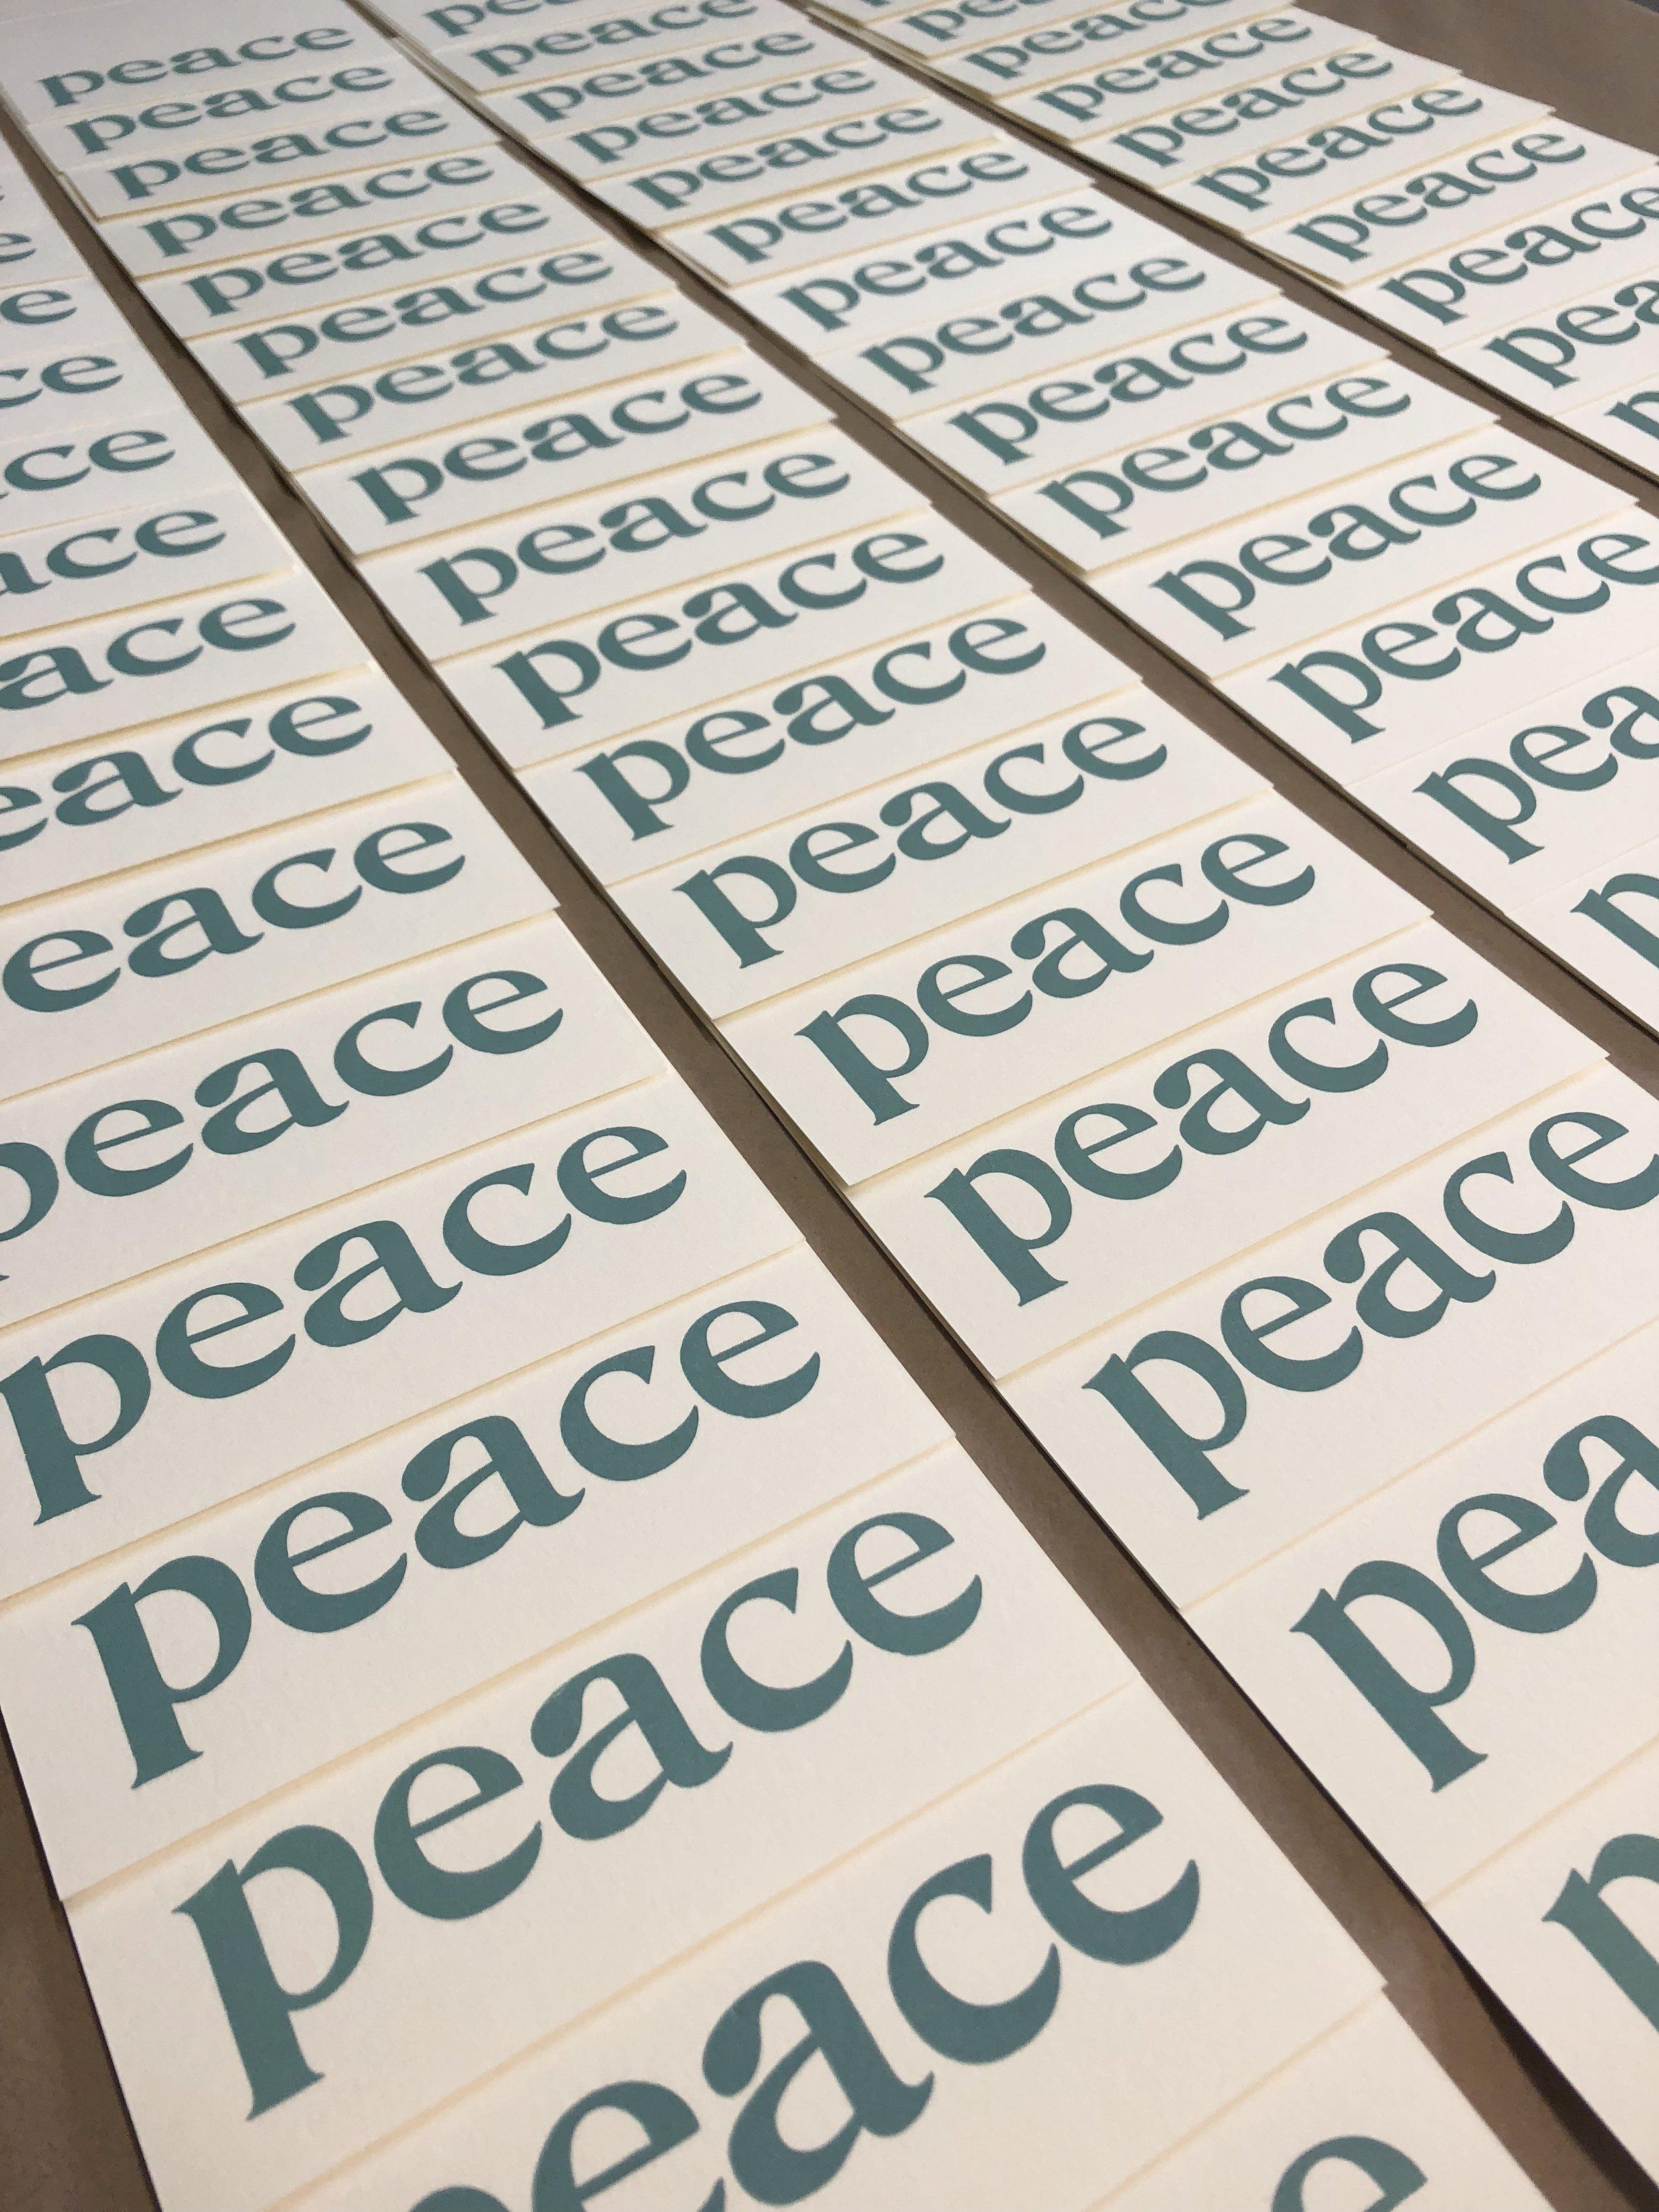 peacepeaecpeac.jpg